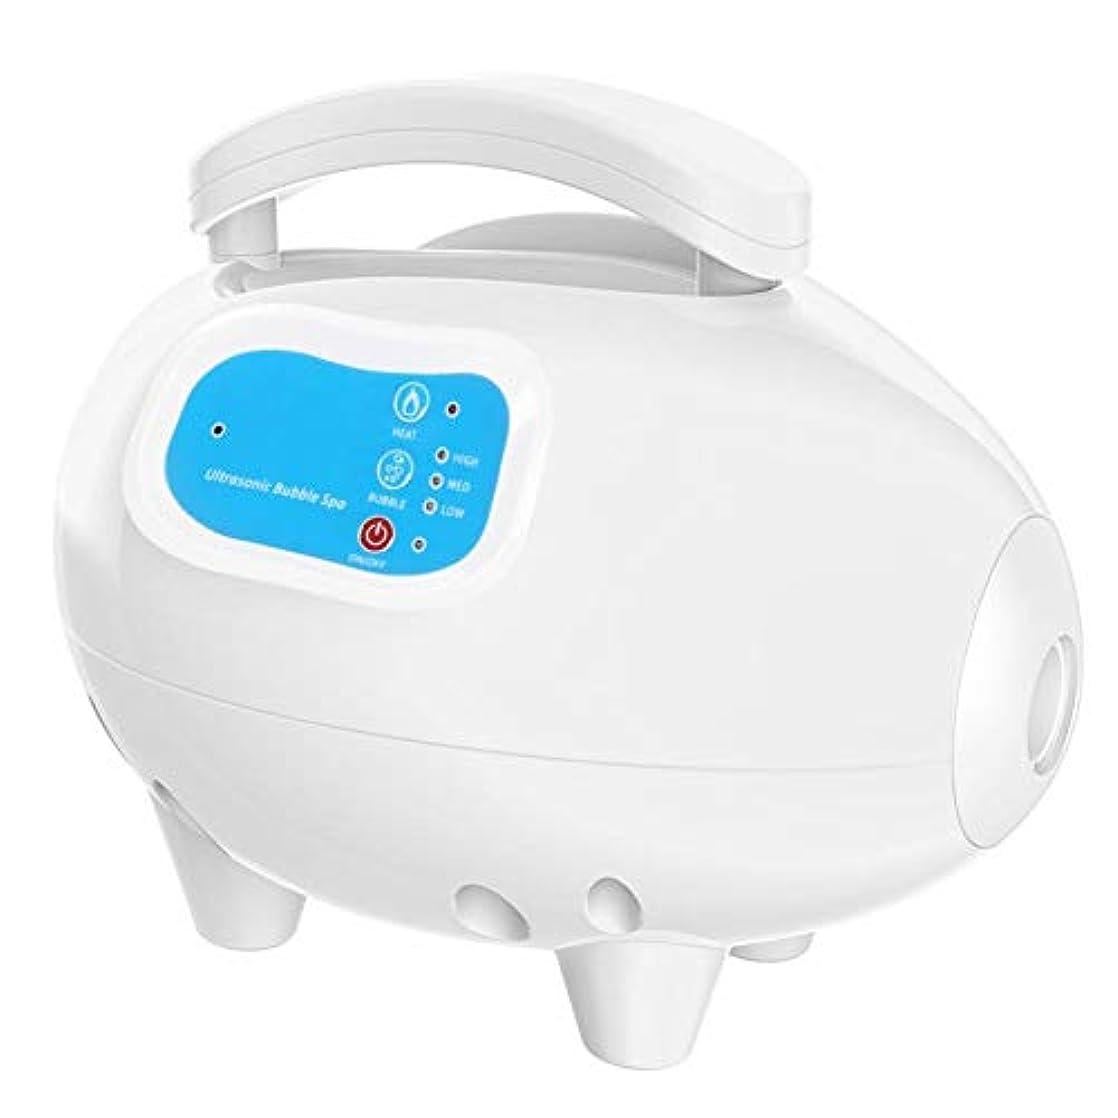 エンディング責ハイキングスパ泡風呂浴槽機防水エアー泡風呂浴槽殺菌ボディスパマッサージマット付きエアホース(110?220V)